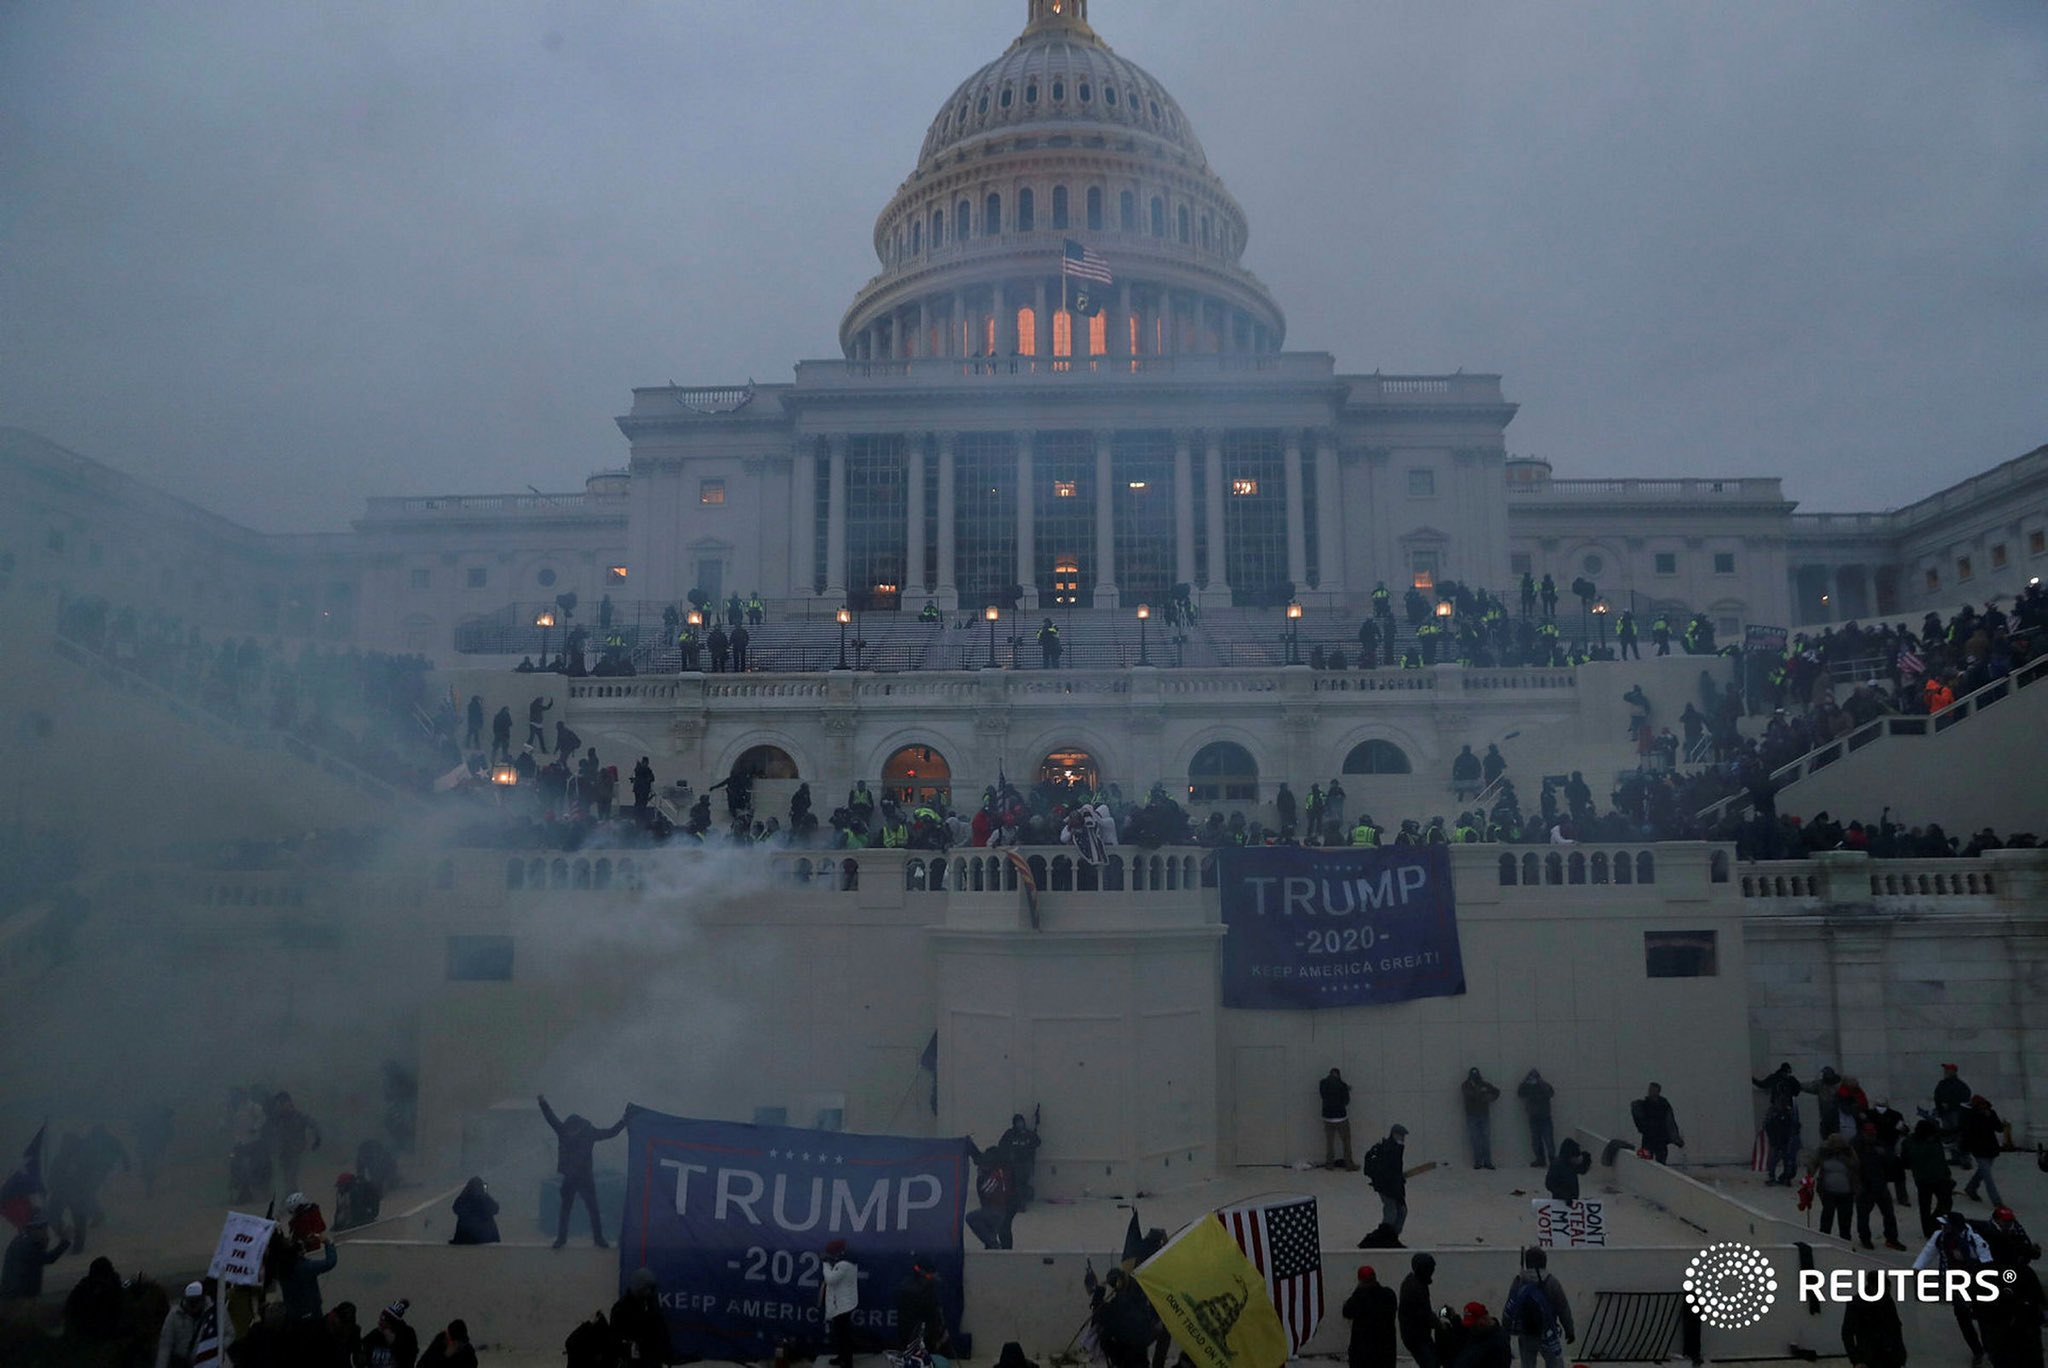 Comienza toque de queda en Washington D.C. tras protestas a favor de Trump en el Capitolio